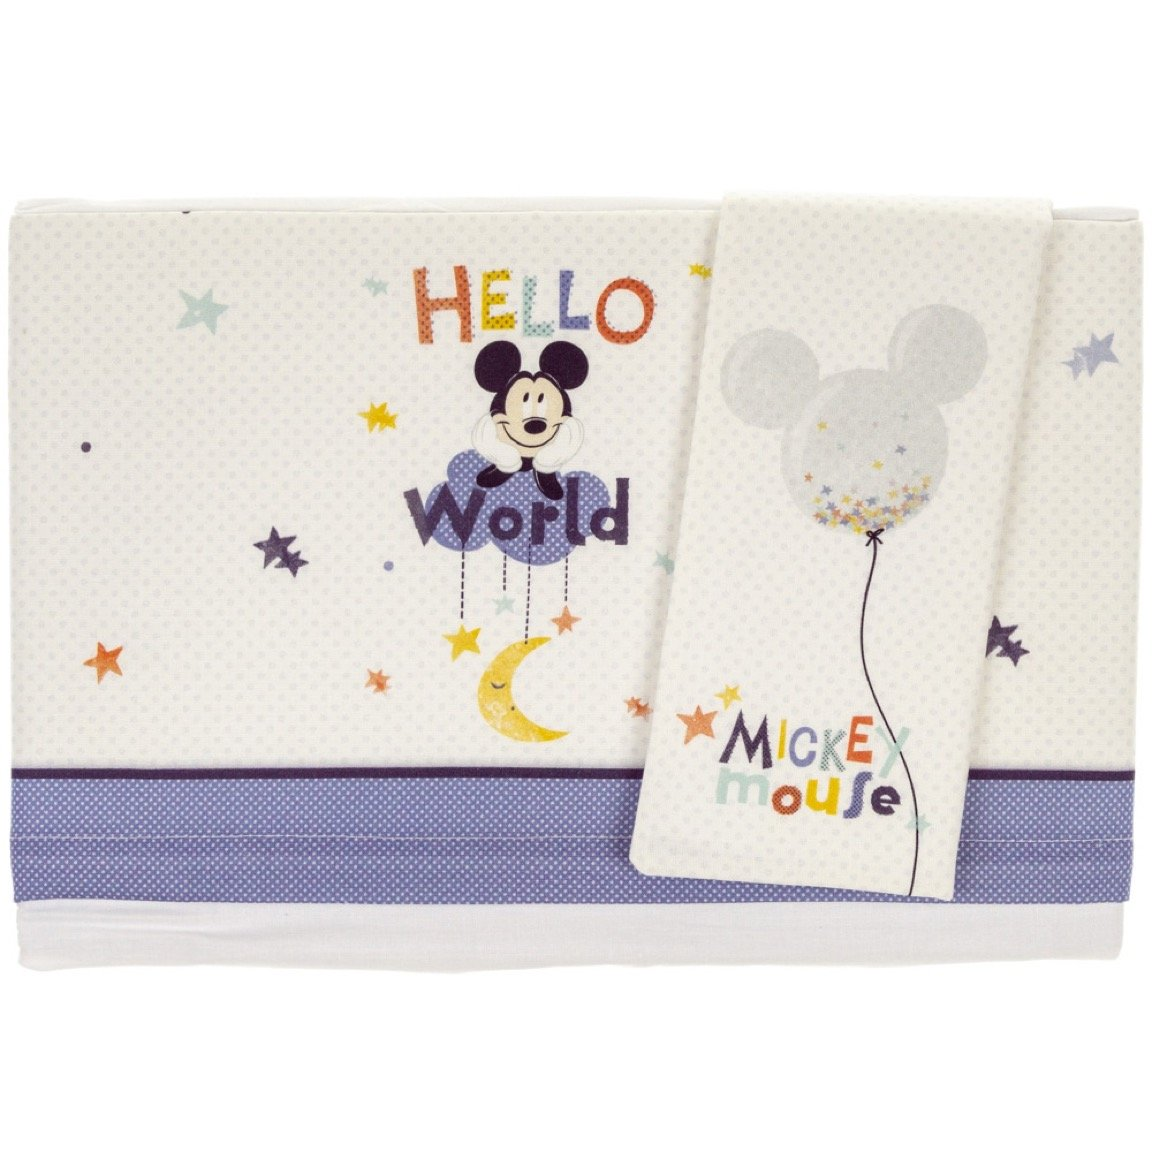 Disney σεντόνια σετ τριών τεμαχίων για παιδικό κρεβάτι (κούνια) «Mickey Mouse»